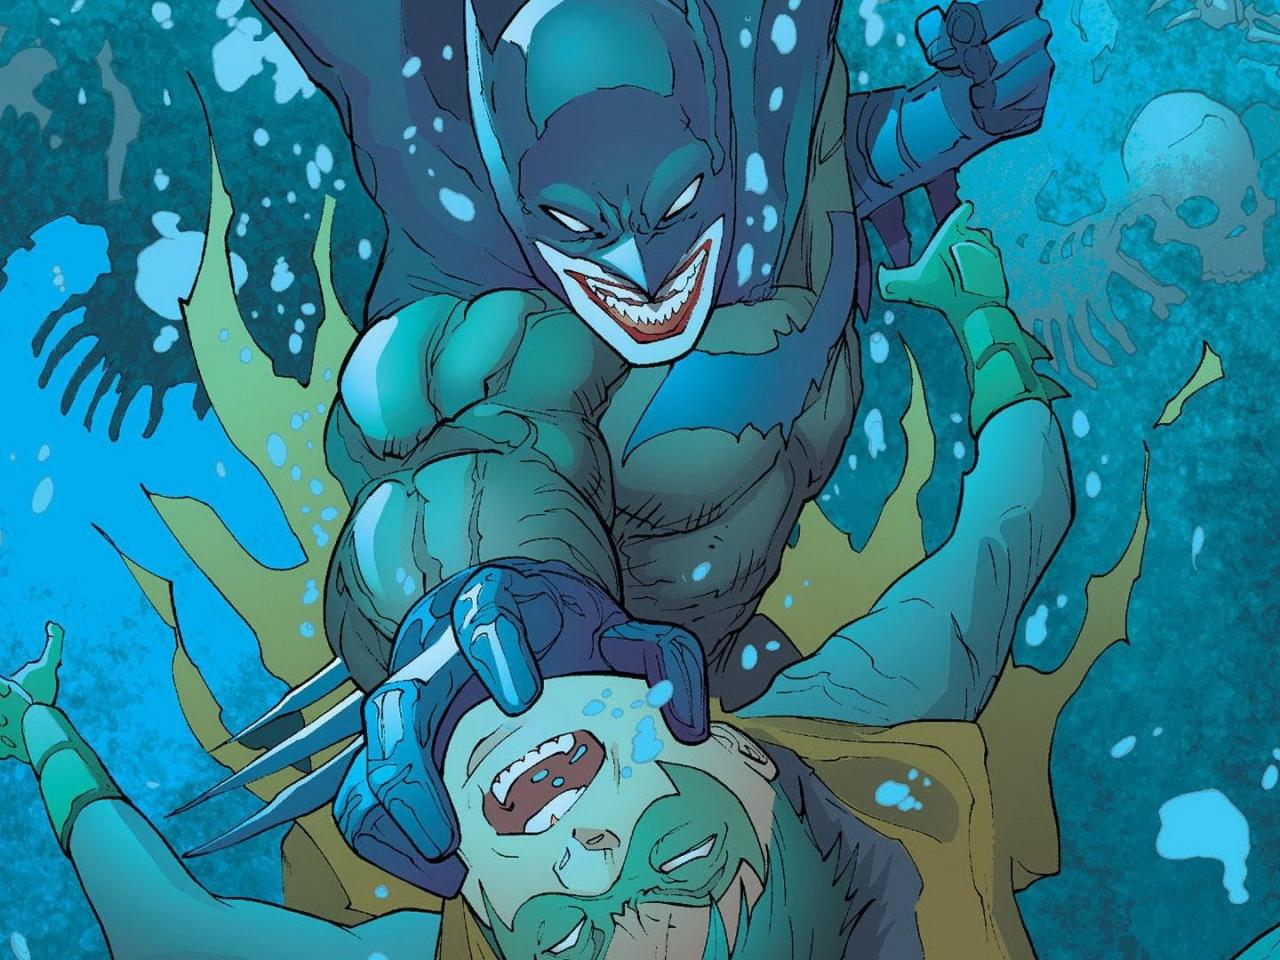 Batman fantastic - 1280x960